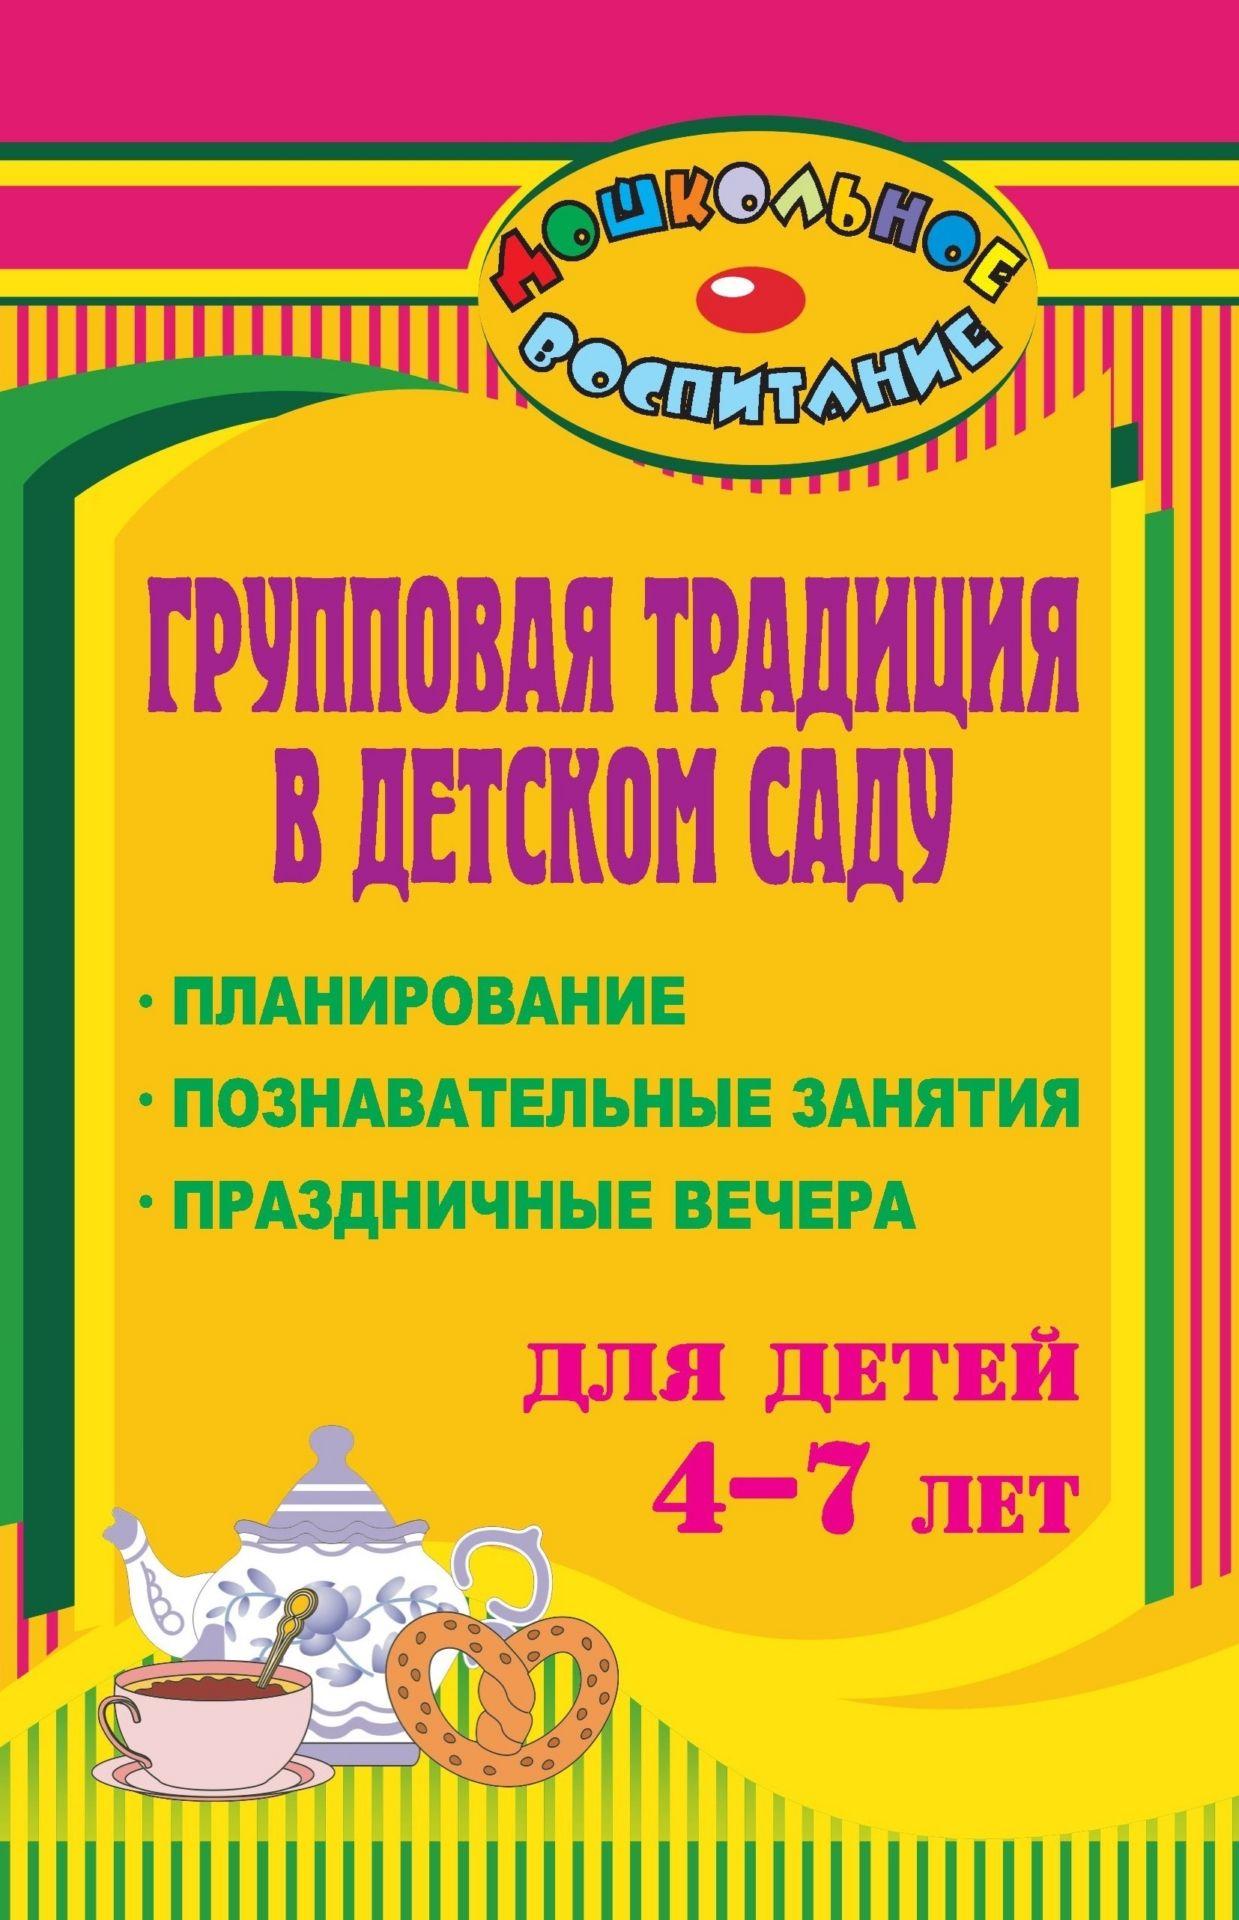 Групповая традиция в детском саду: планирование, познавательные занятия, праздничные вечера для детей 4-7 лет